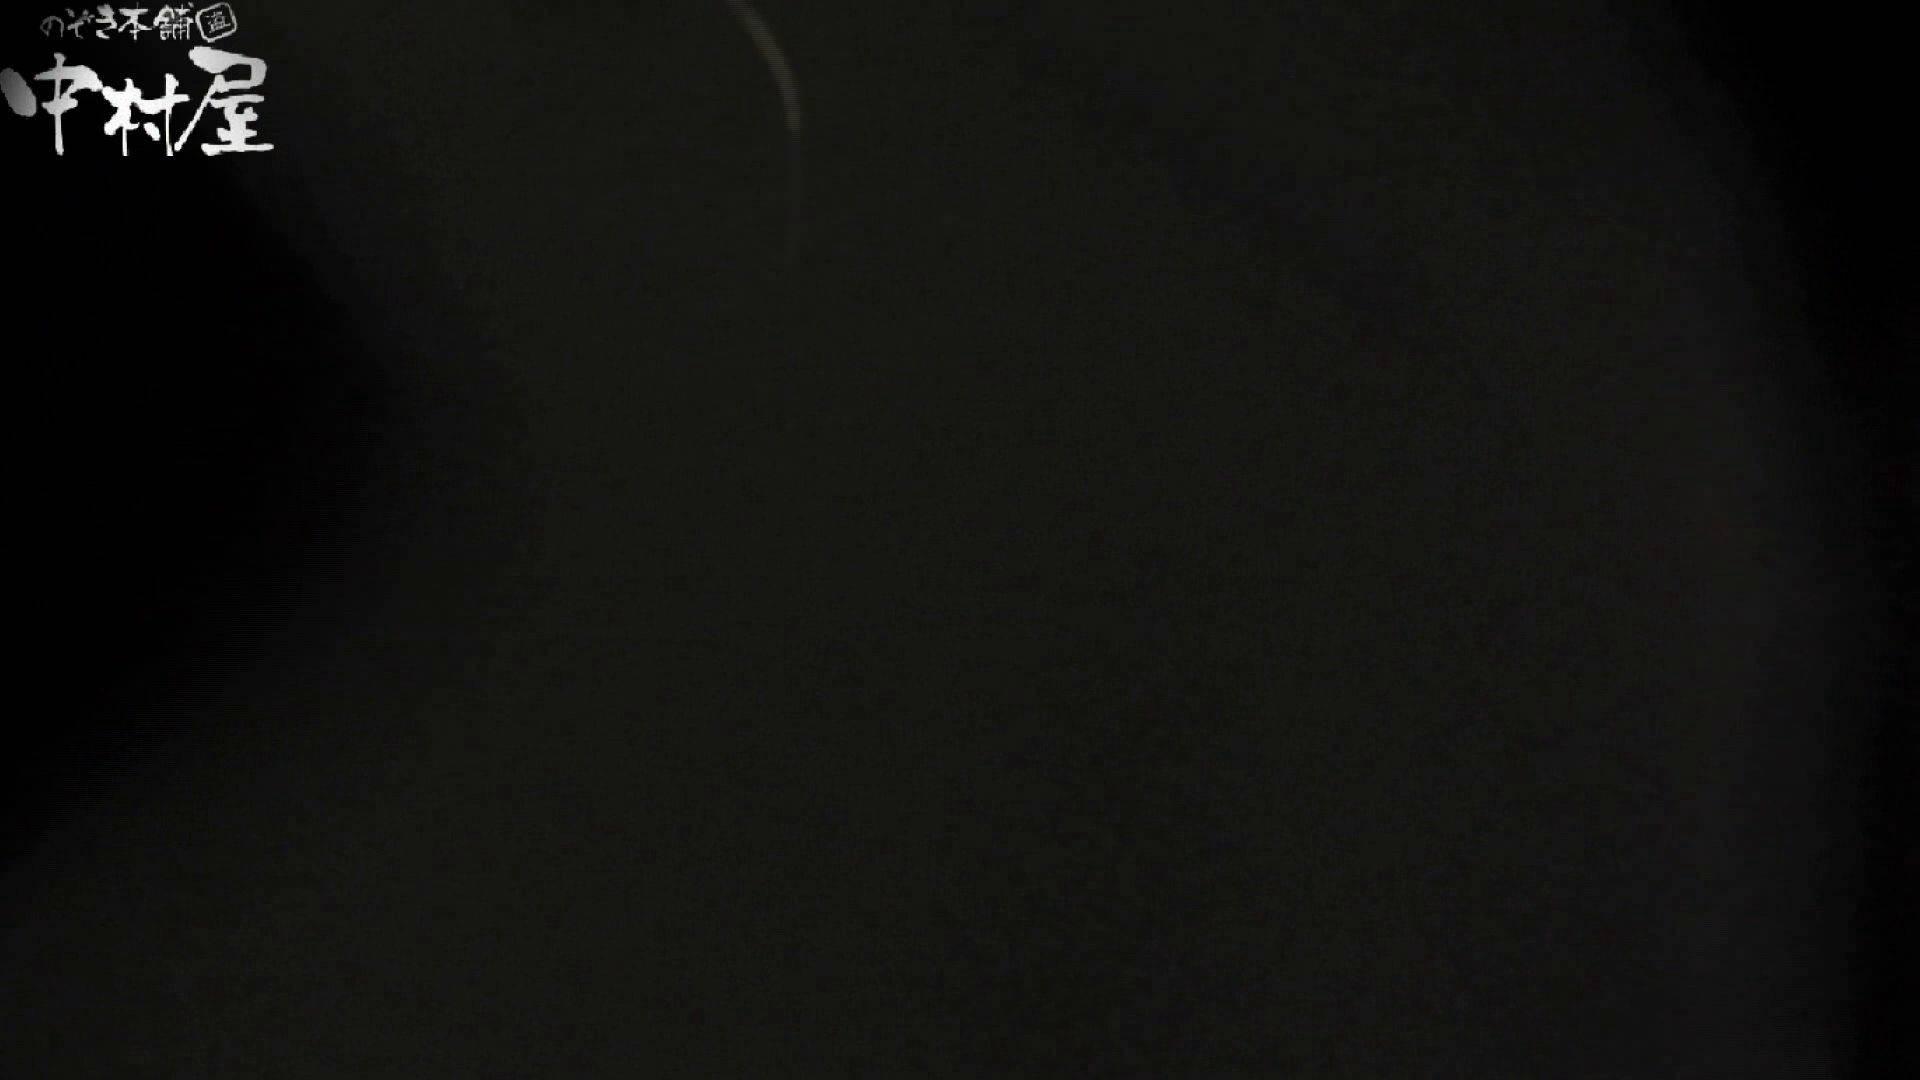 世界の射窓から~ステーション編~vol40 更に画質アップ!! OLエロ画像 | 0  57PICs 27